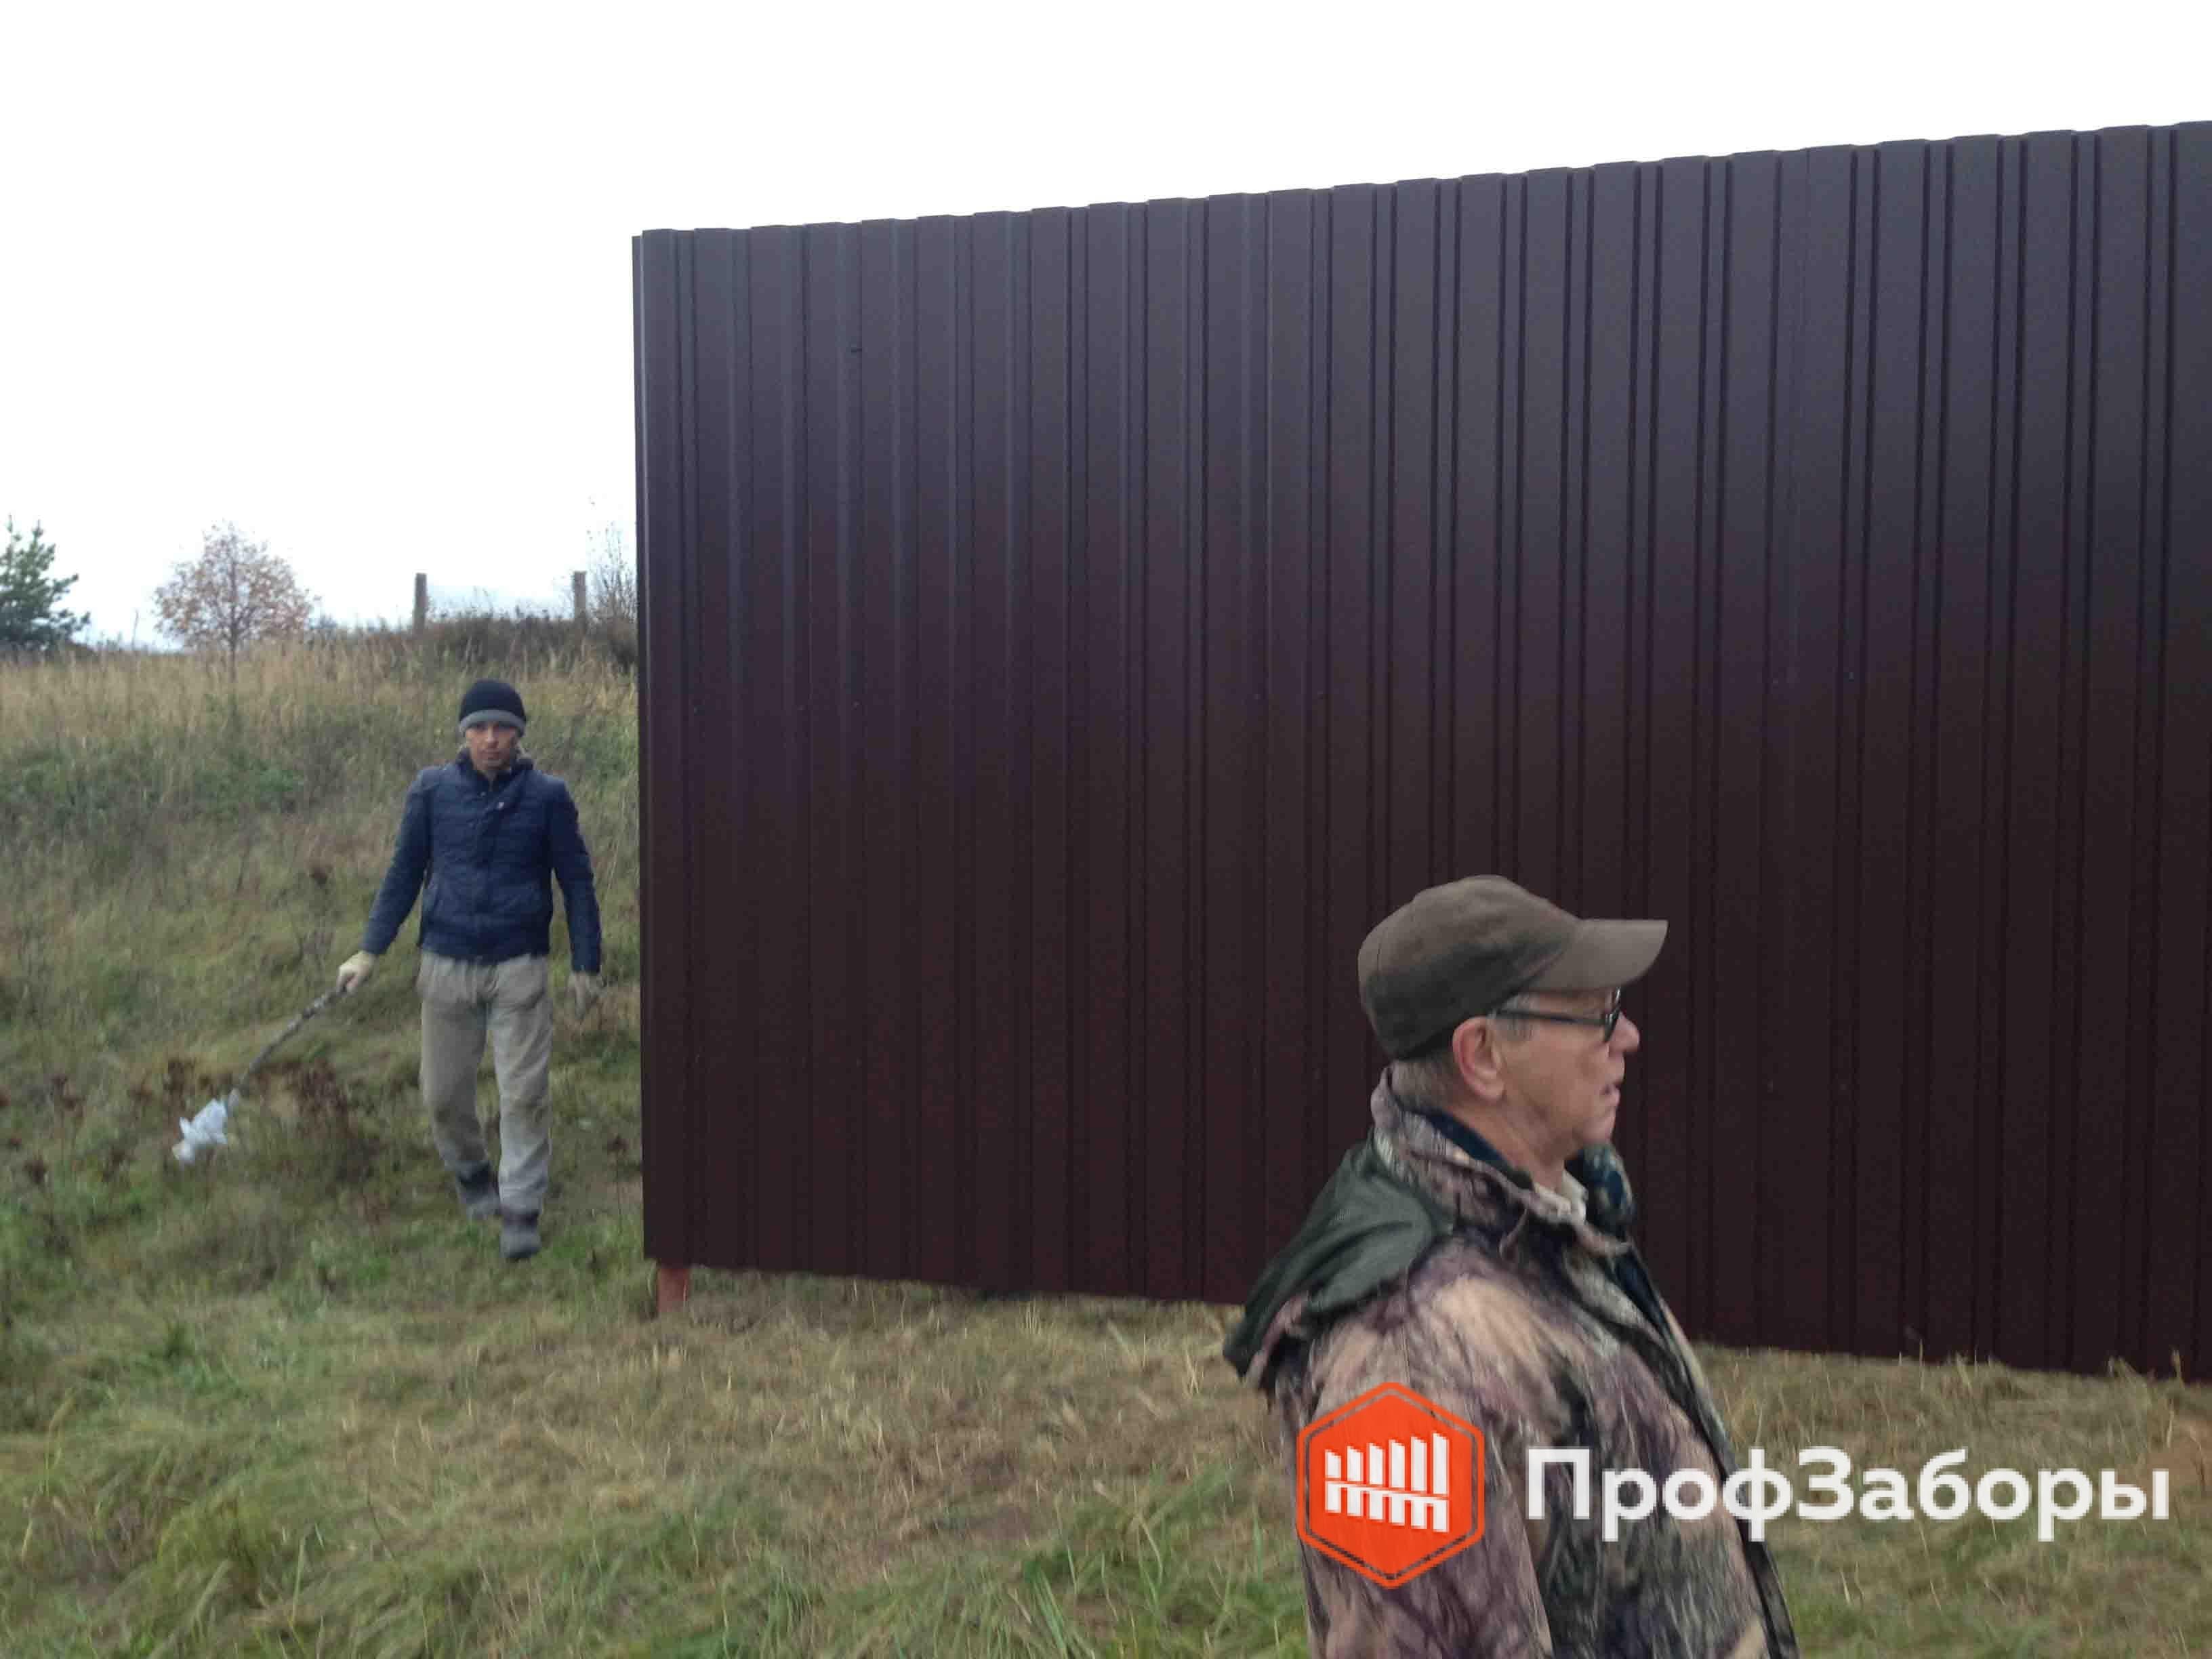 Заборы Из профнастила  - Город Химки. Фото 3